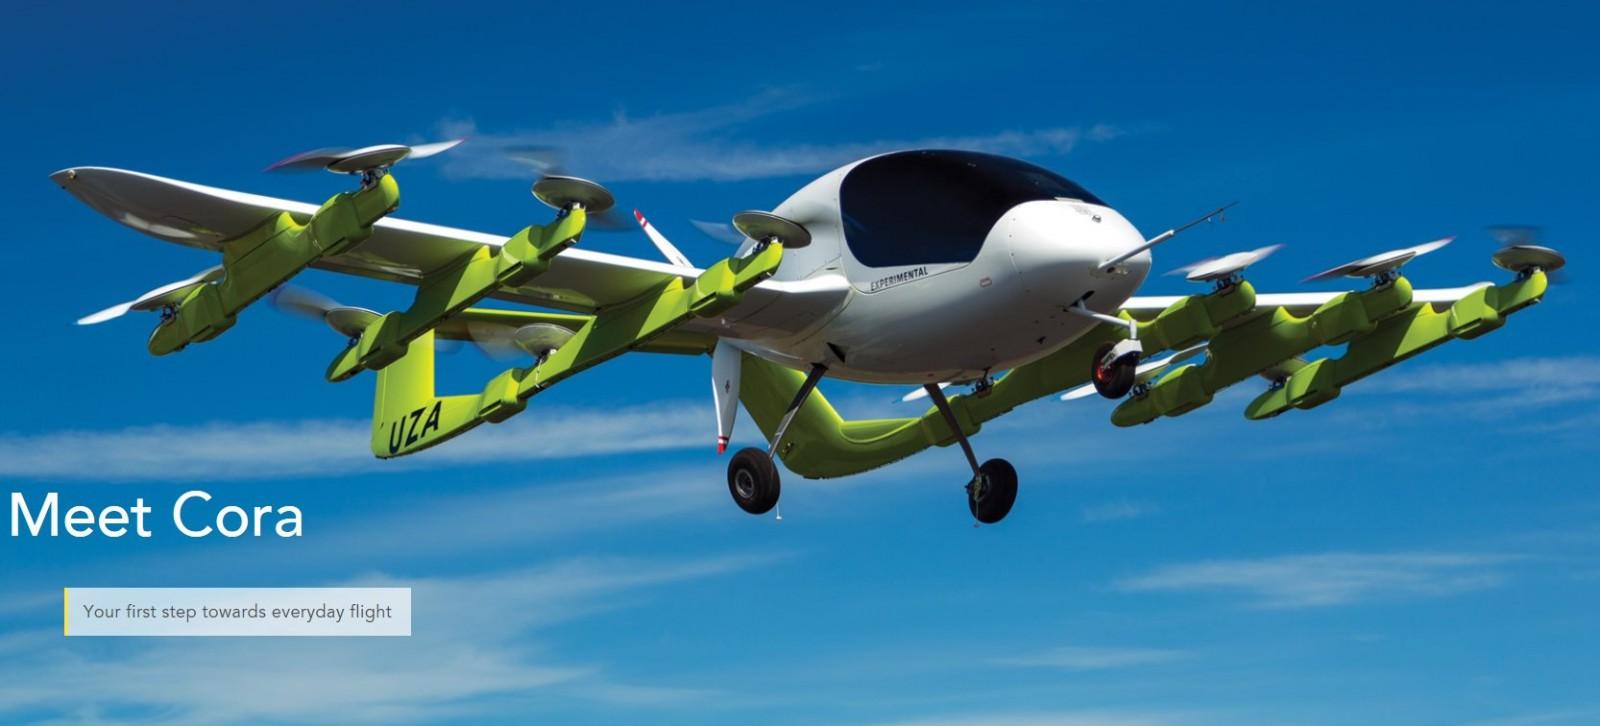 新西兰航空着眼于发展纯电动空中出租车市场